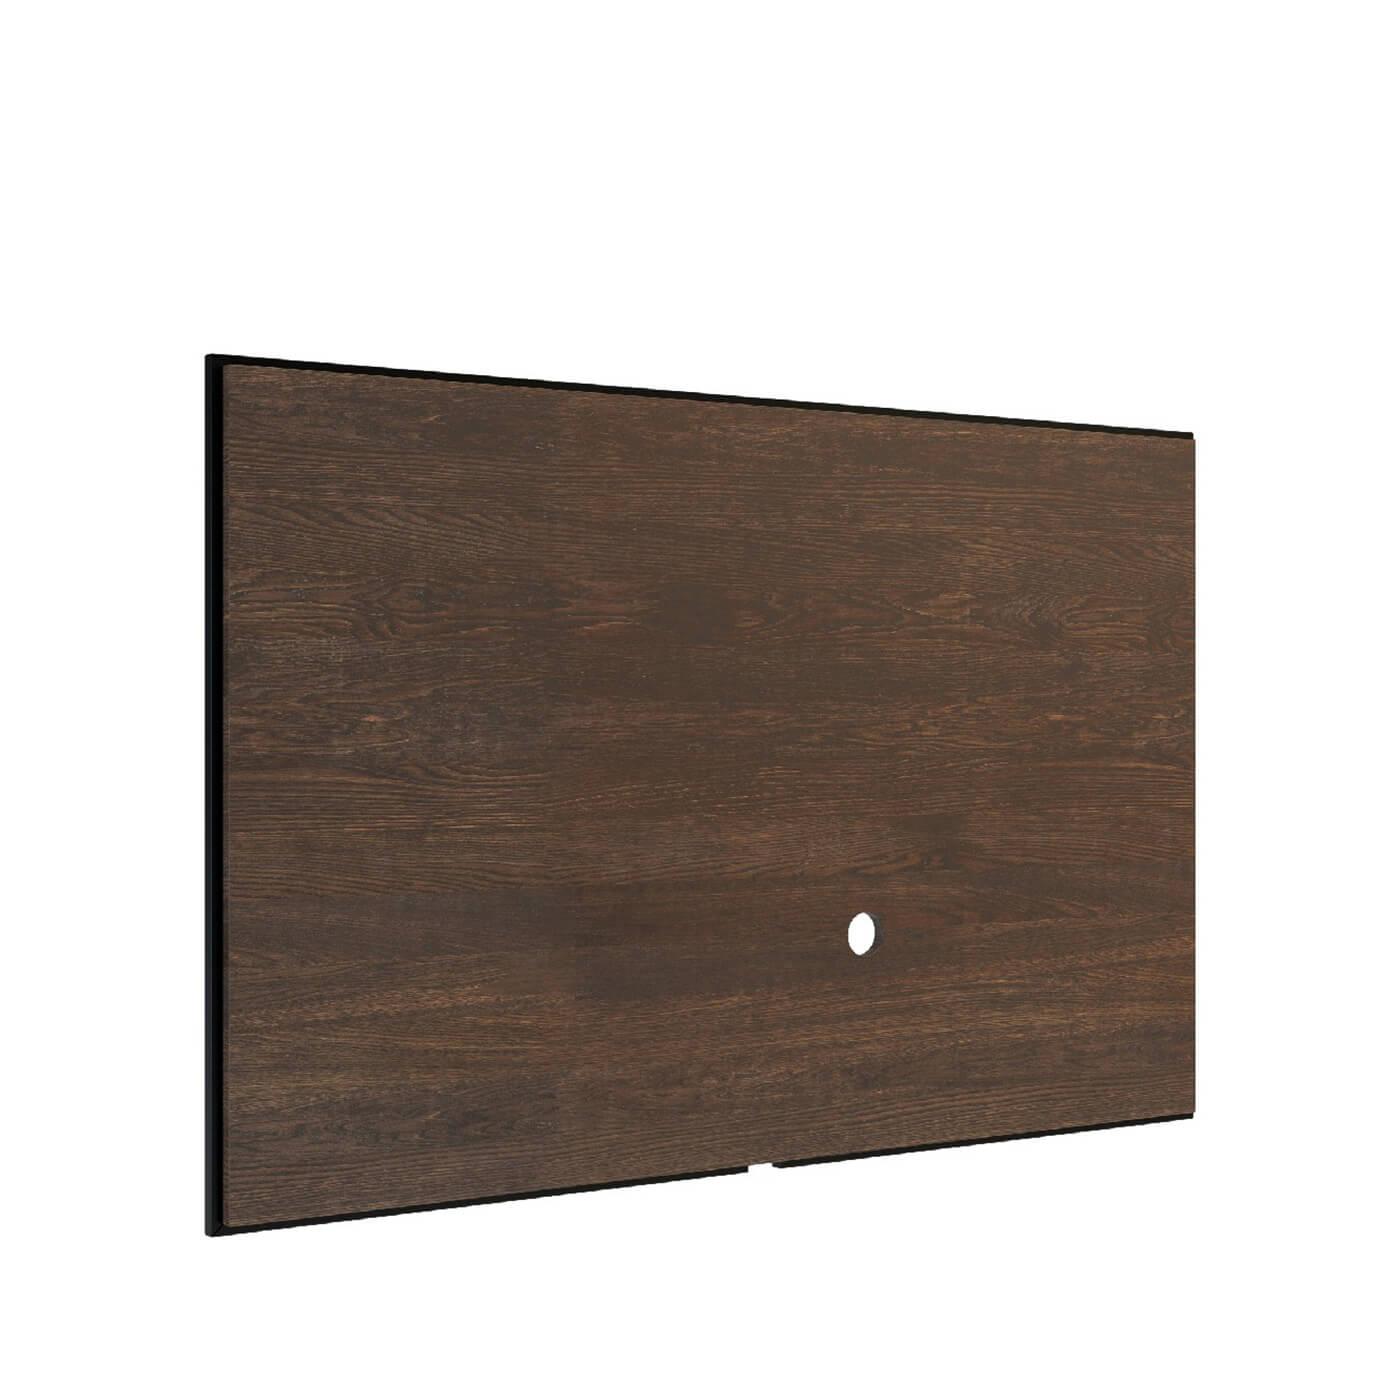 Голям телевизионен панел, колекция Corino